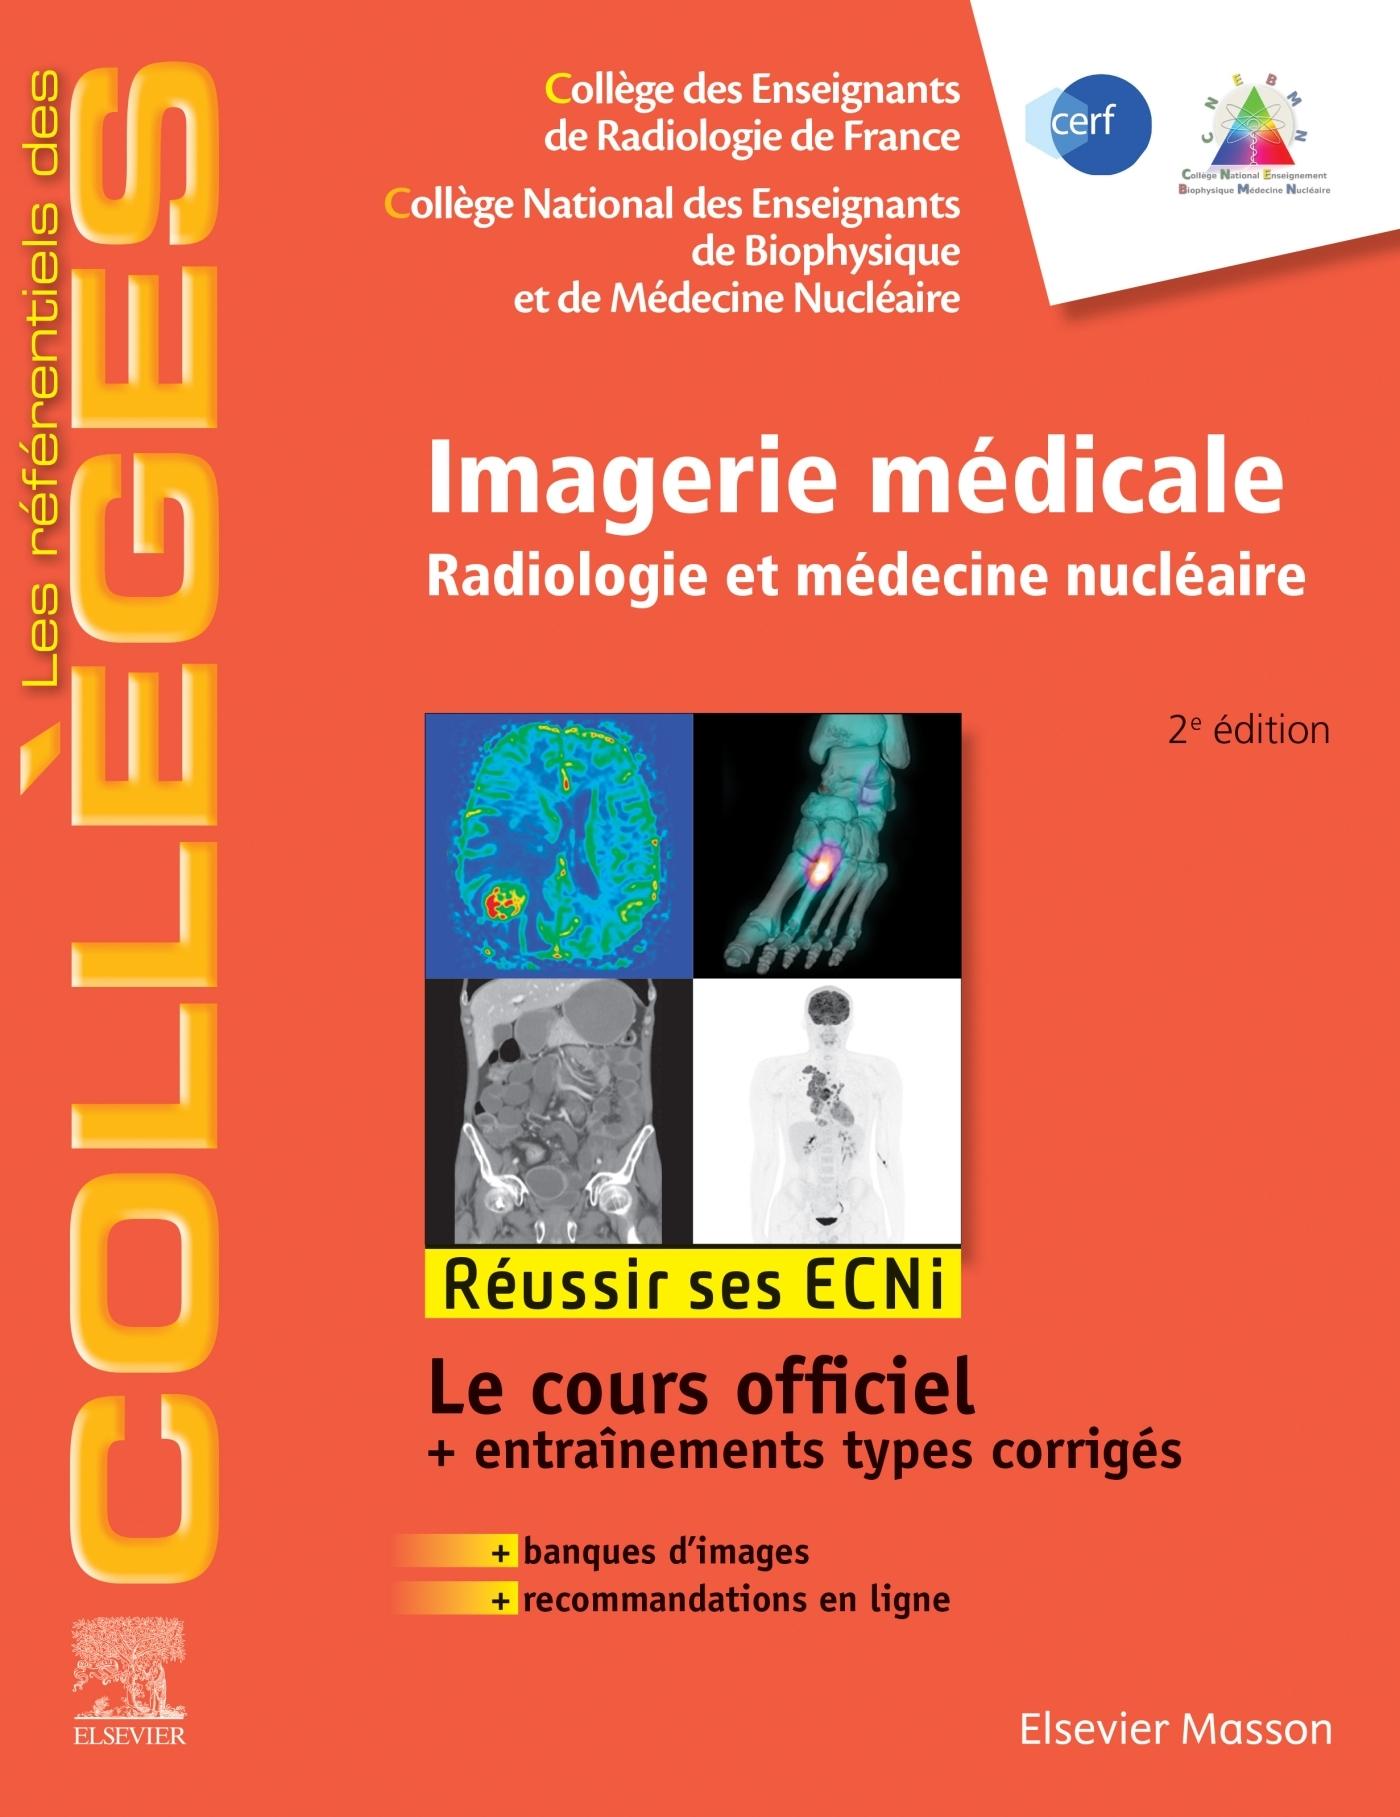 IMAGERIE MEDICALE - RADIOLOGIE ET MEDECINE NUCLEAIRE. REUSSIR LES ECNI